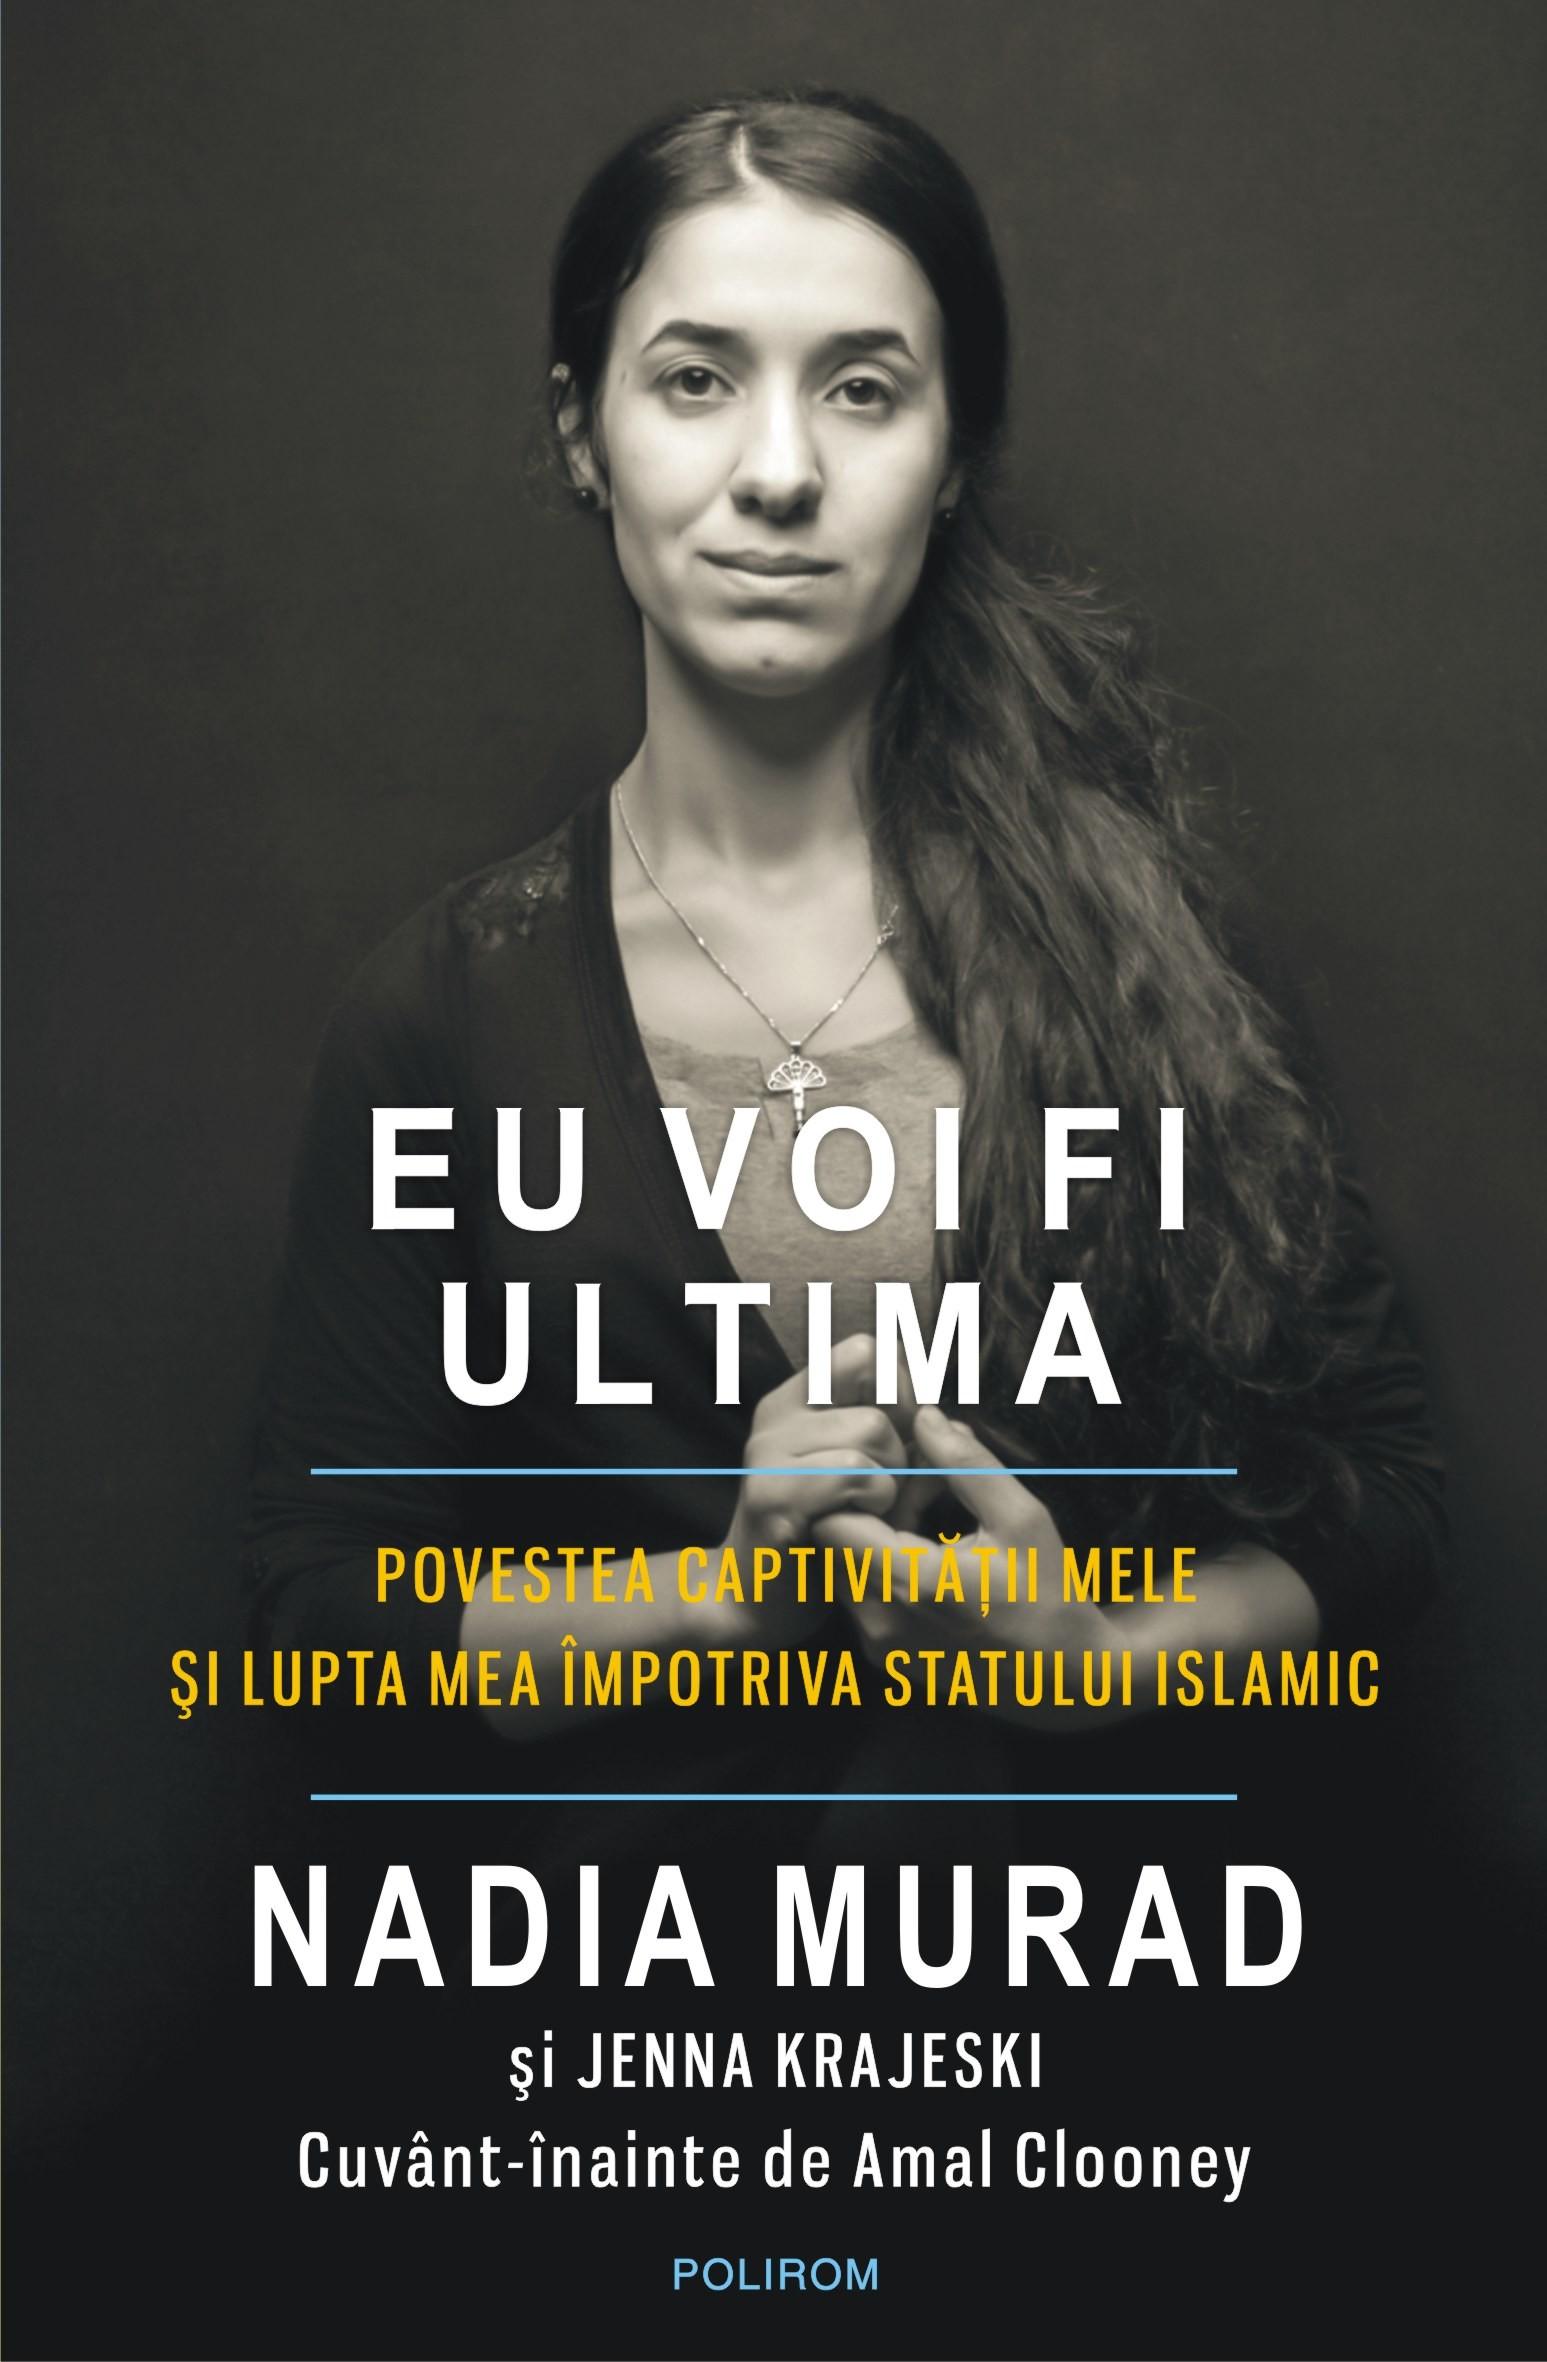 Nadia Murad - Bertrand Livreiros - livraria Online